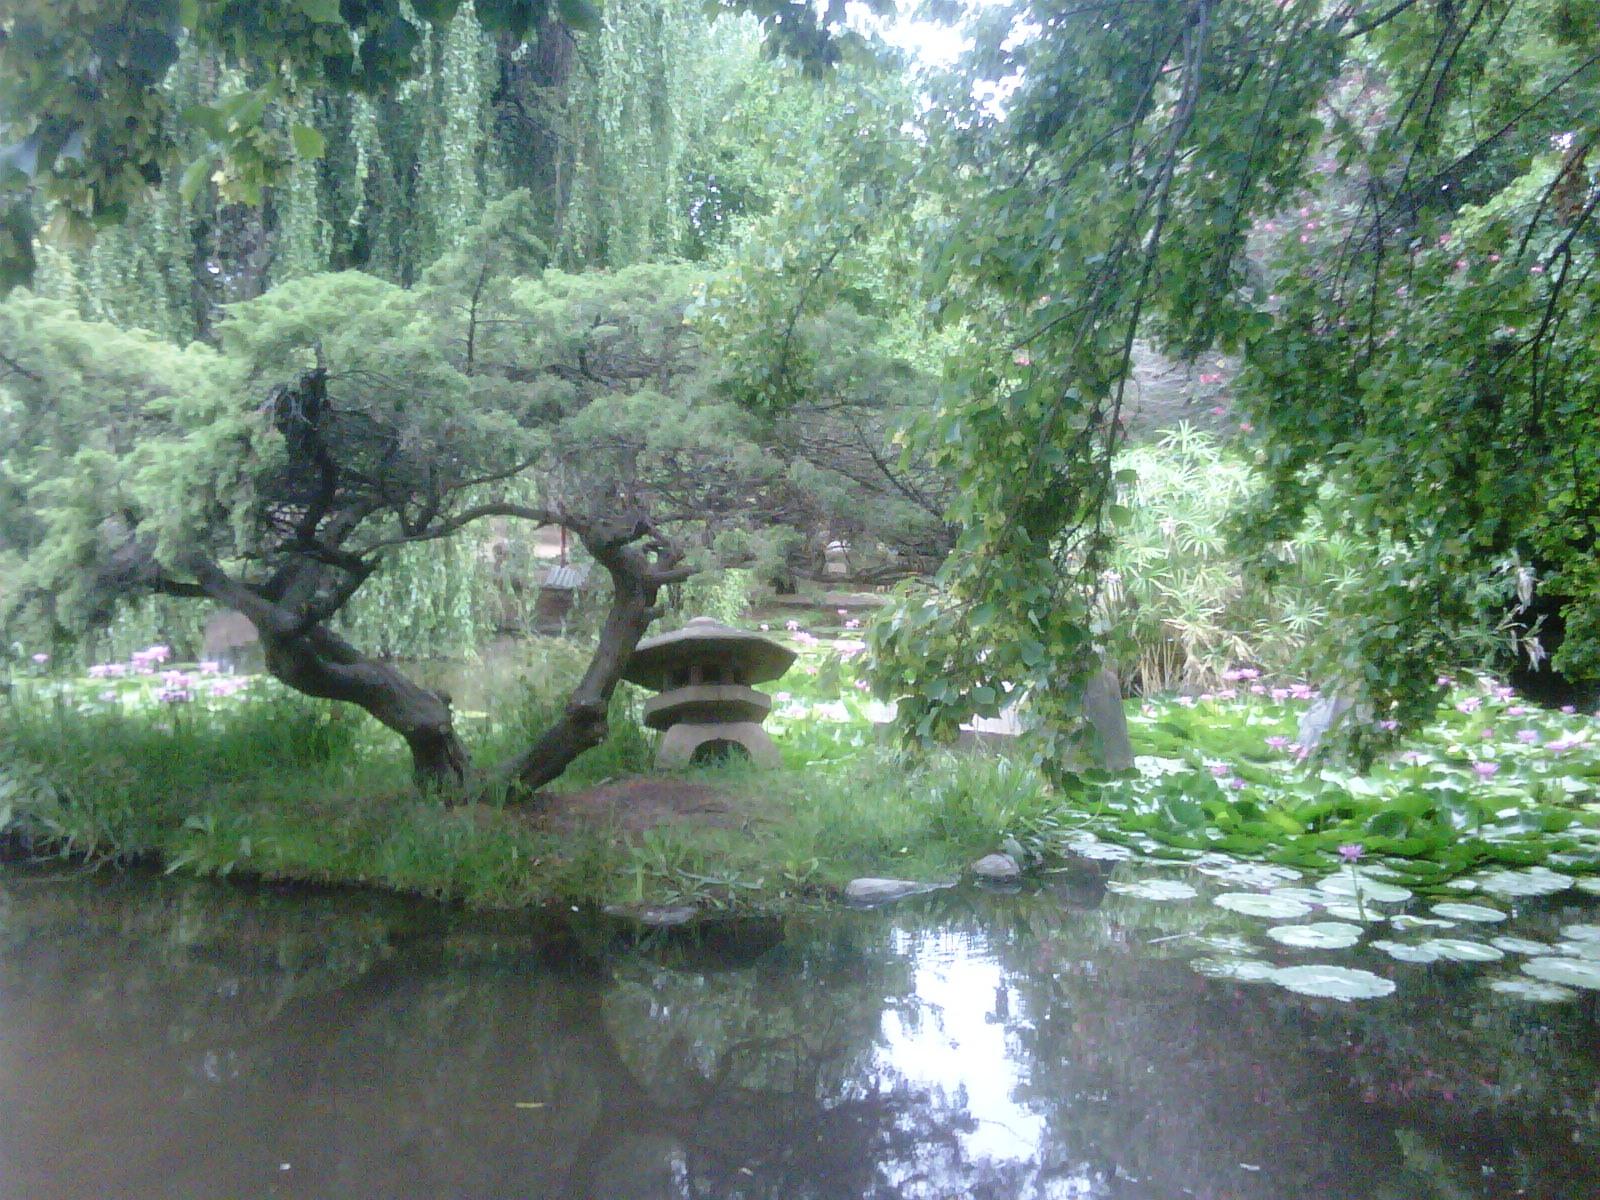 Shorin ryu taishinkan visita al parque japones de escobar for Jardin japones de escobar